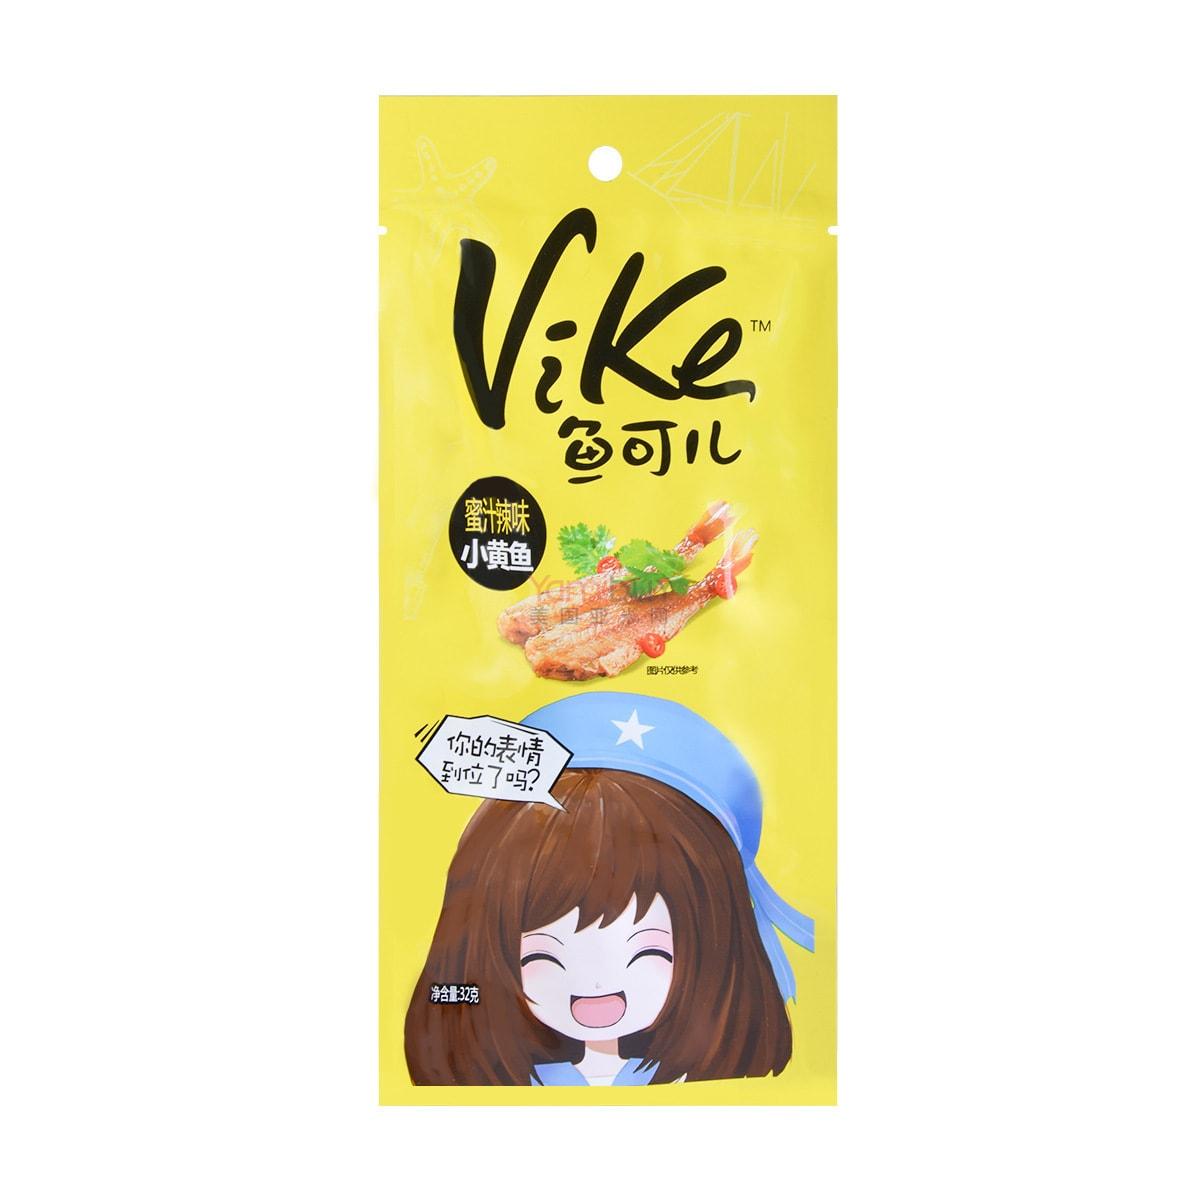 乐惠 VIKE鱼可儿 小黄鱼 蜜汁辣味 32g